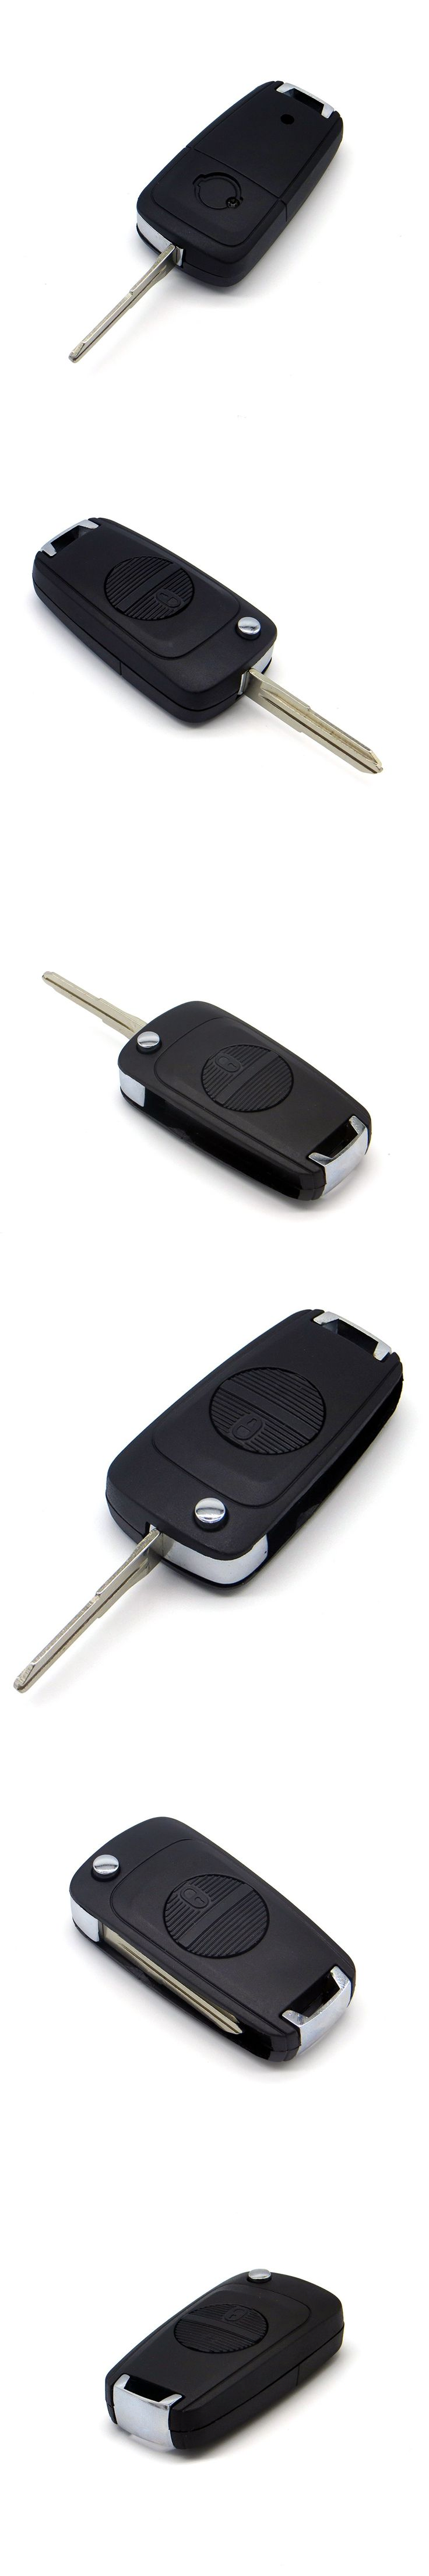 WhatsKey 2 Button Folding Car Key Shell Modified For Nissan Primera Micra Terrano Almera X-trail Remote Flip Auto Key Case Cover